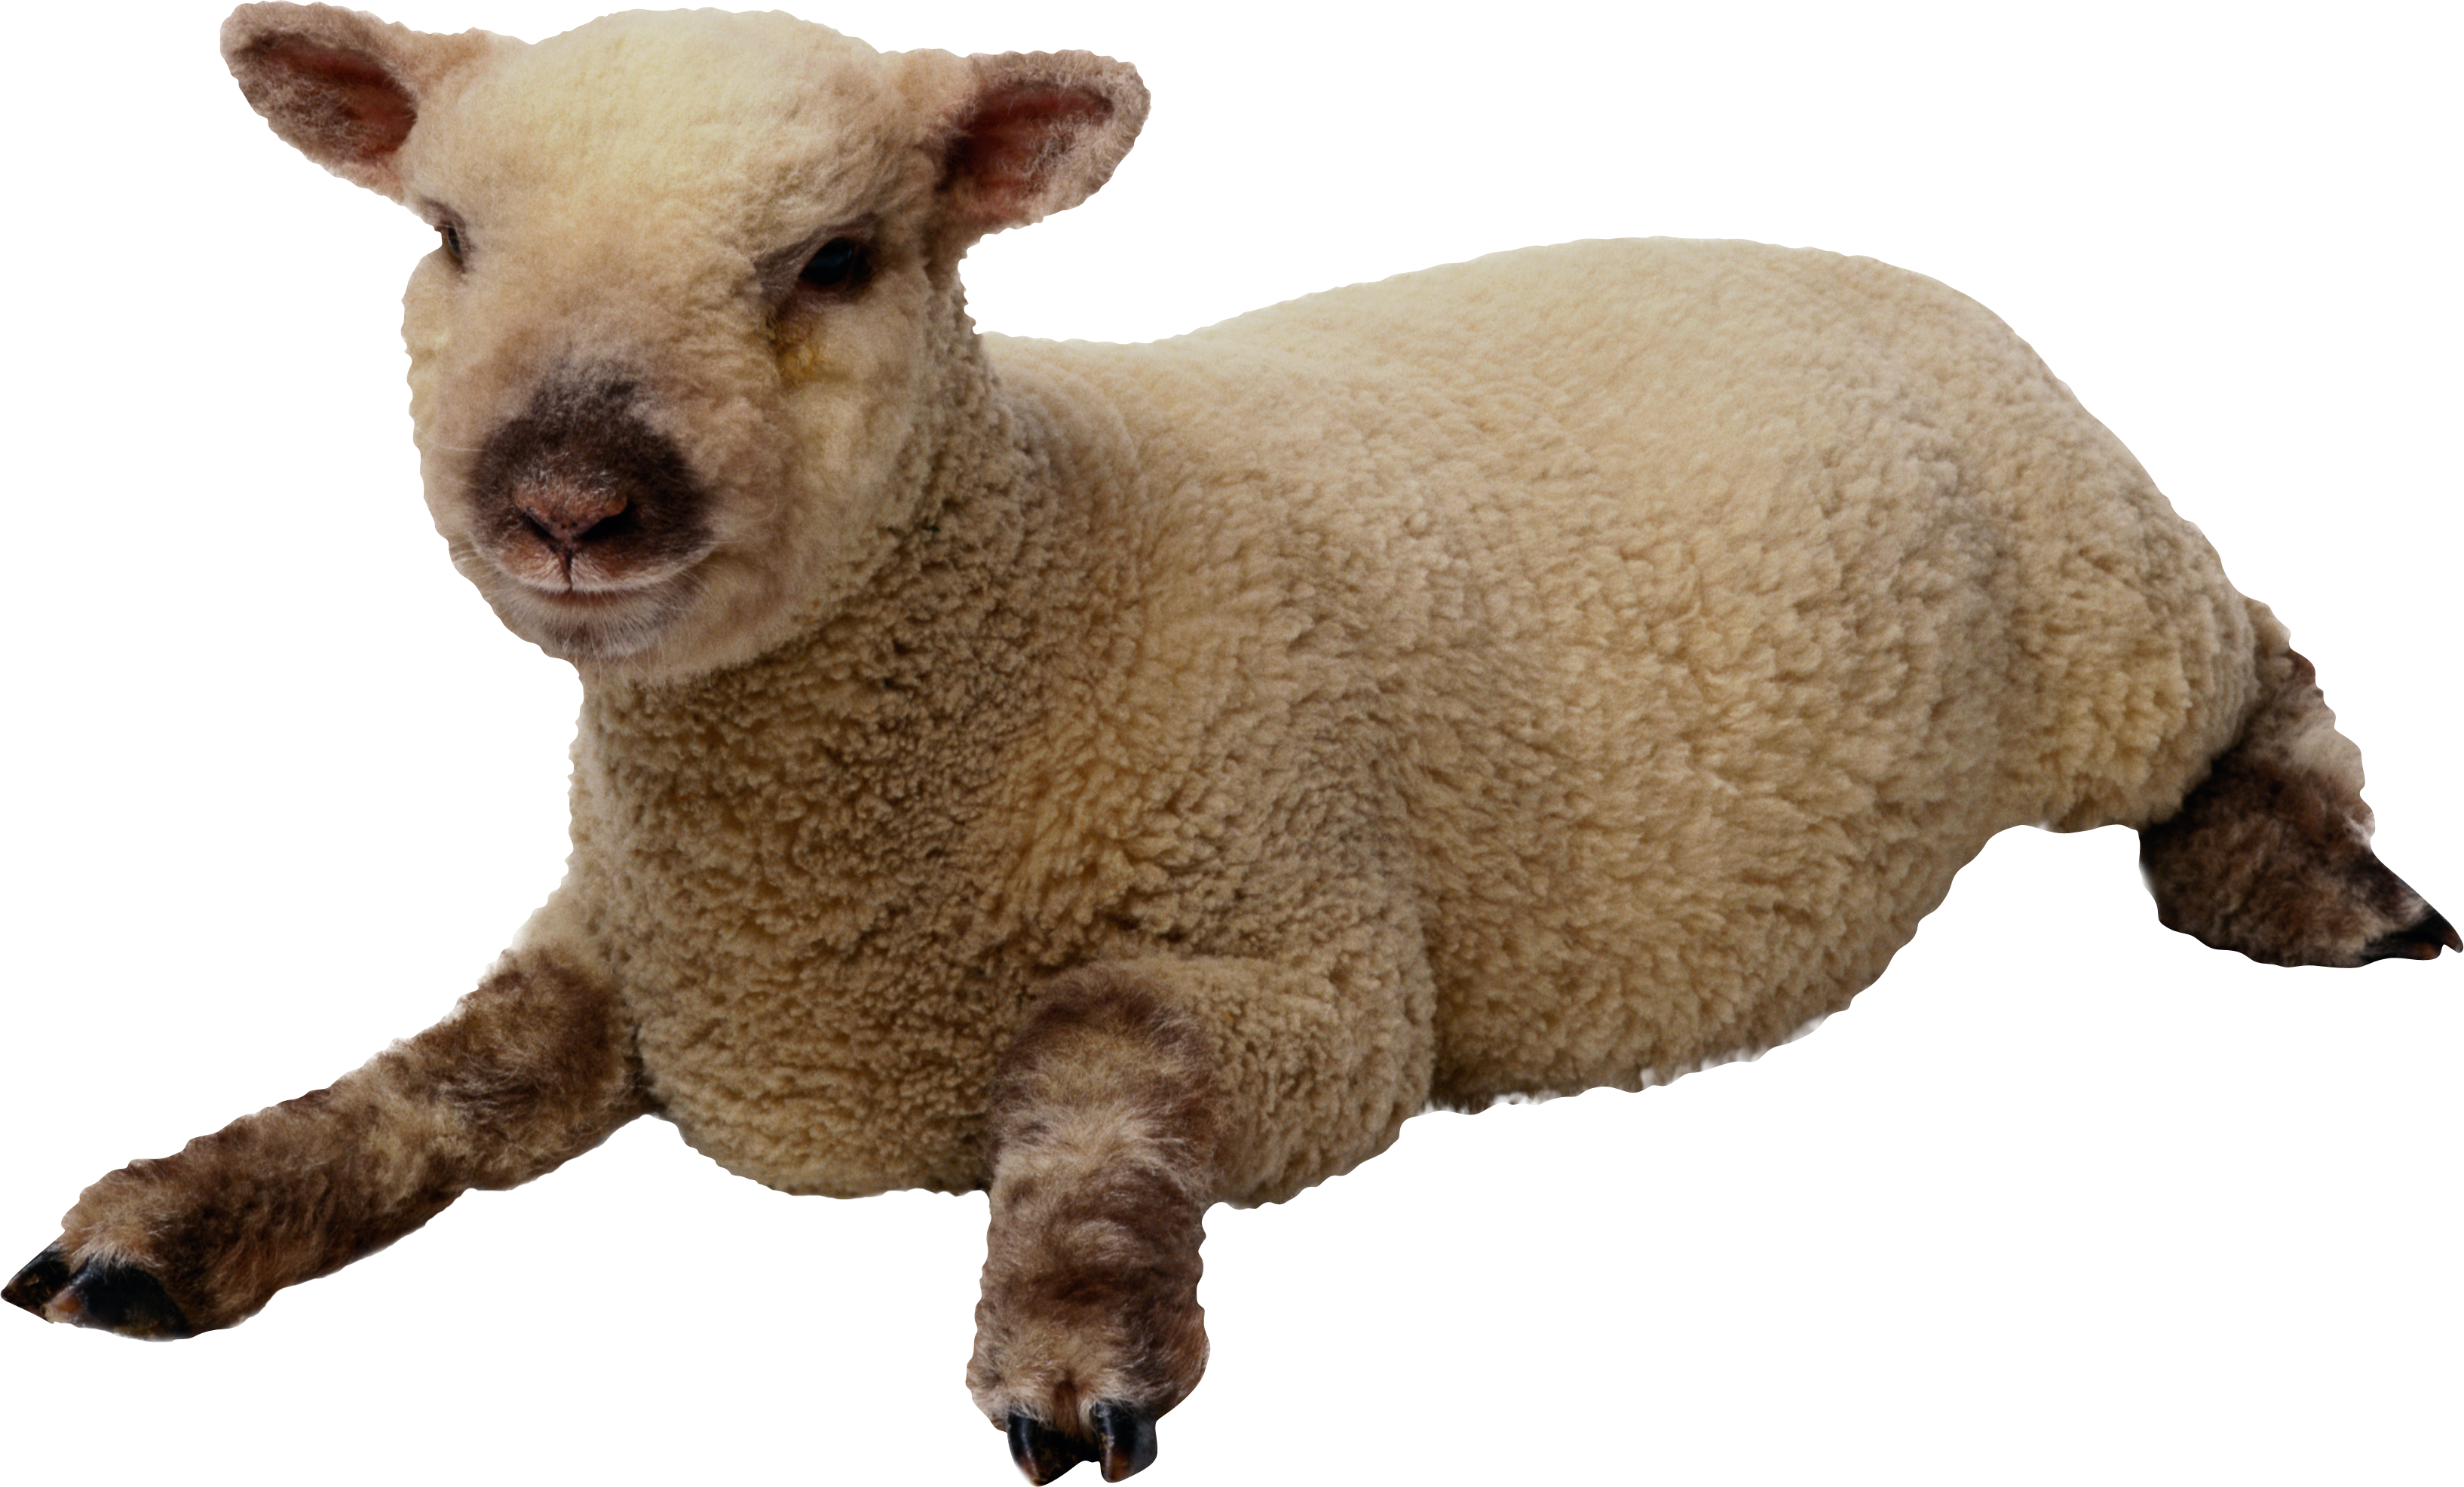 Sheep PNG image, free download.